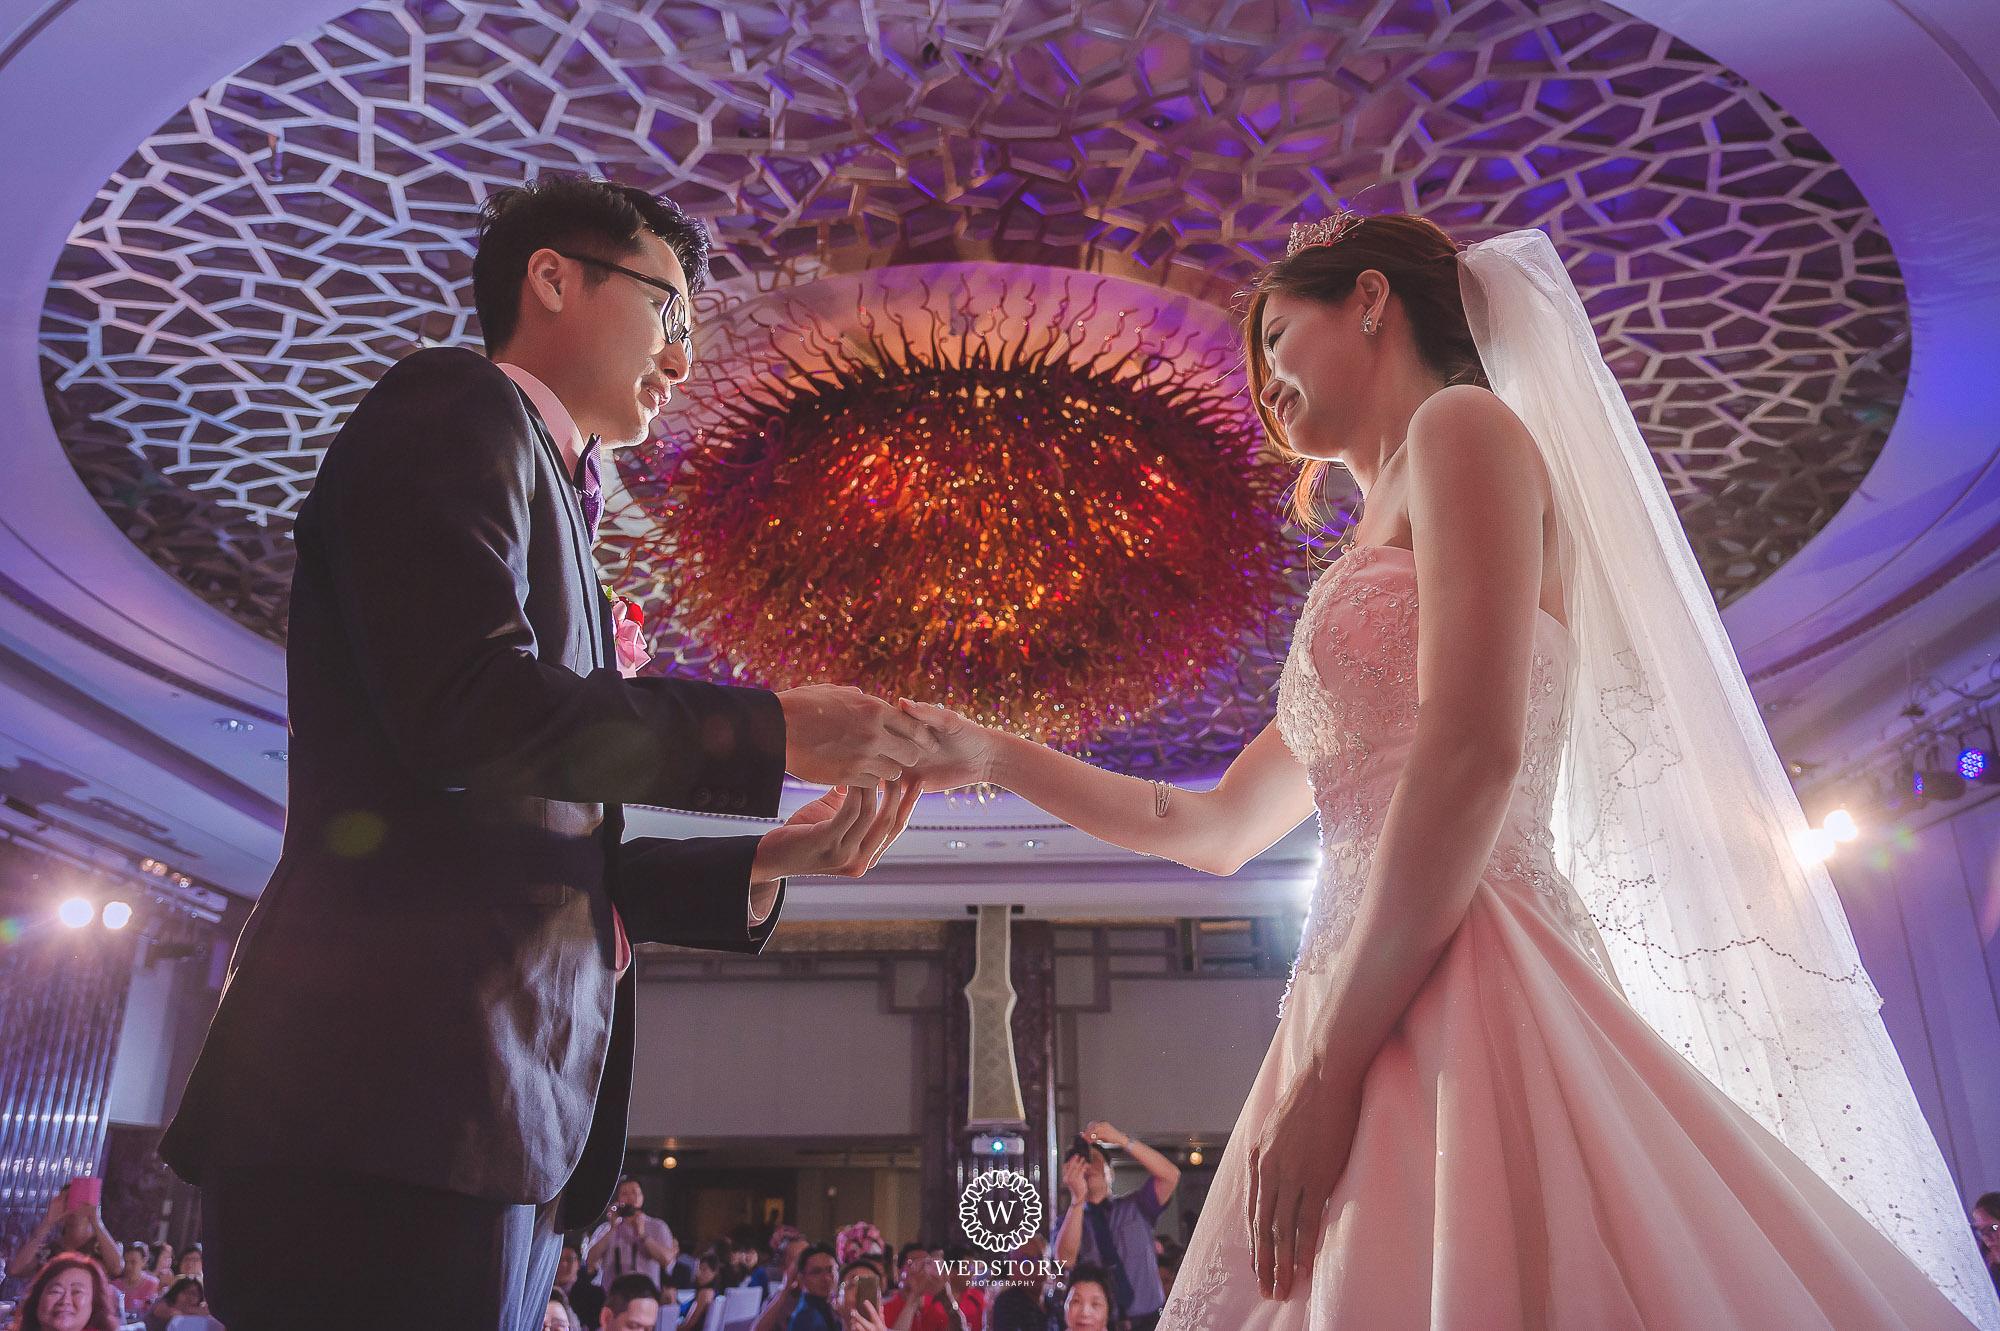 台北喜來登婚攝076,祿廳,壽廳,婚攝,婚攝推薦,婚禮攝影,婚禮紀錄